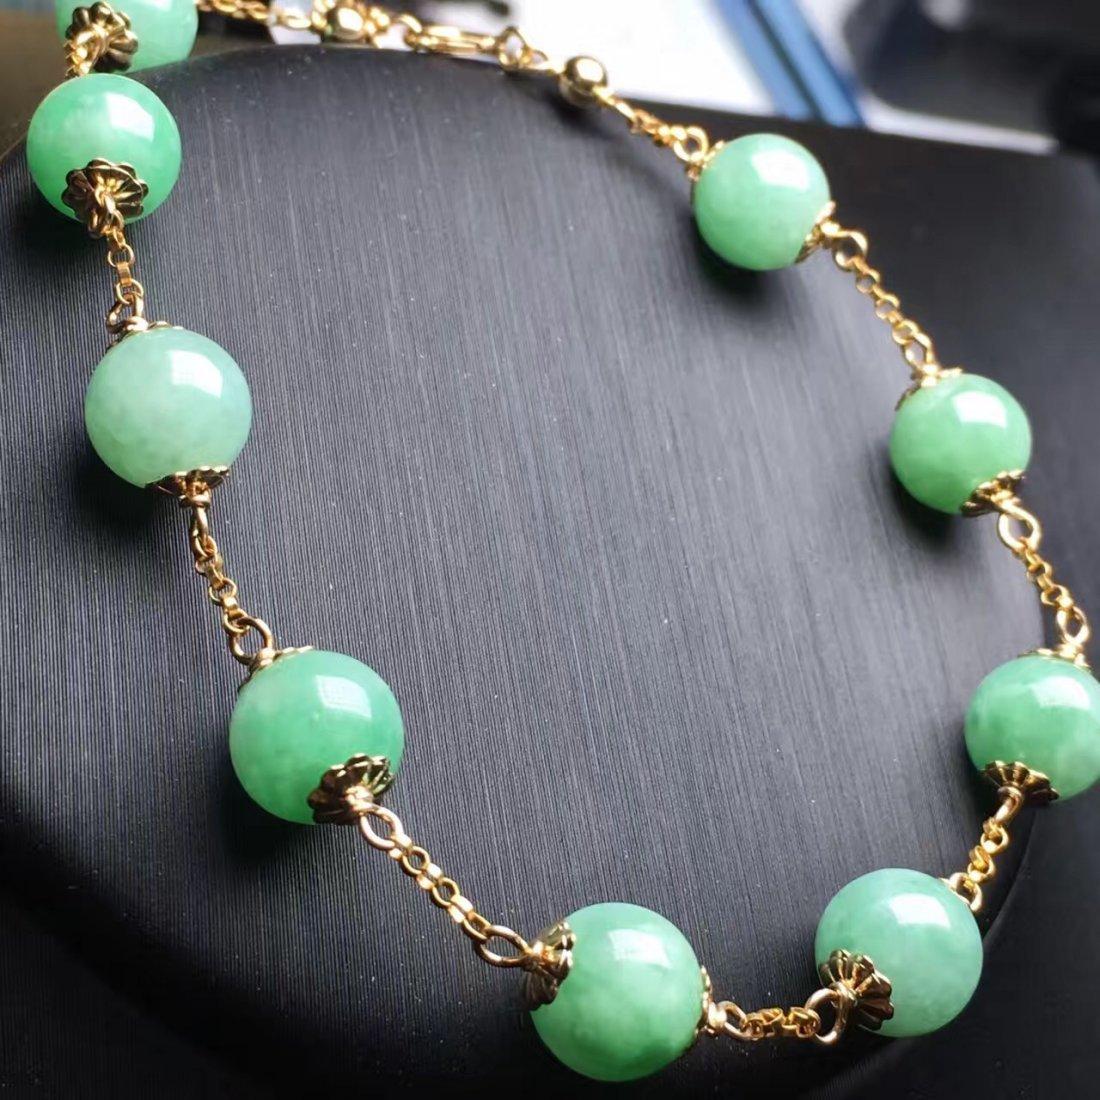 14K Gold Natural Jadeite Bracelet - 4